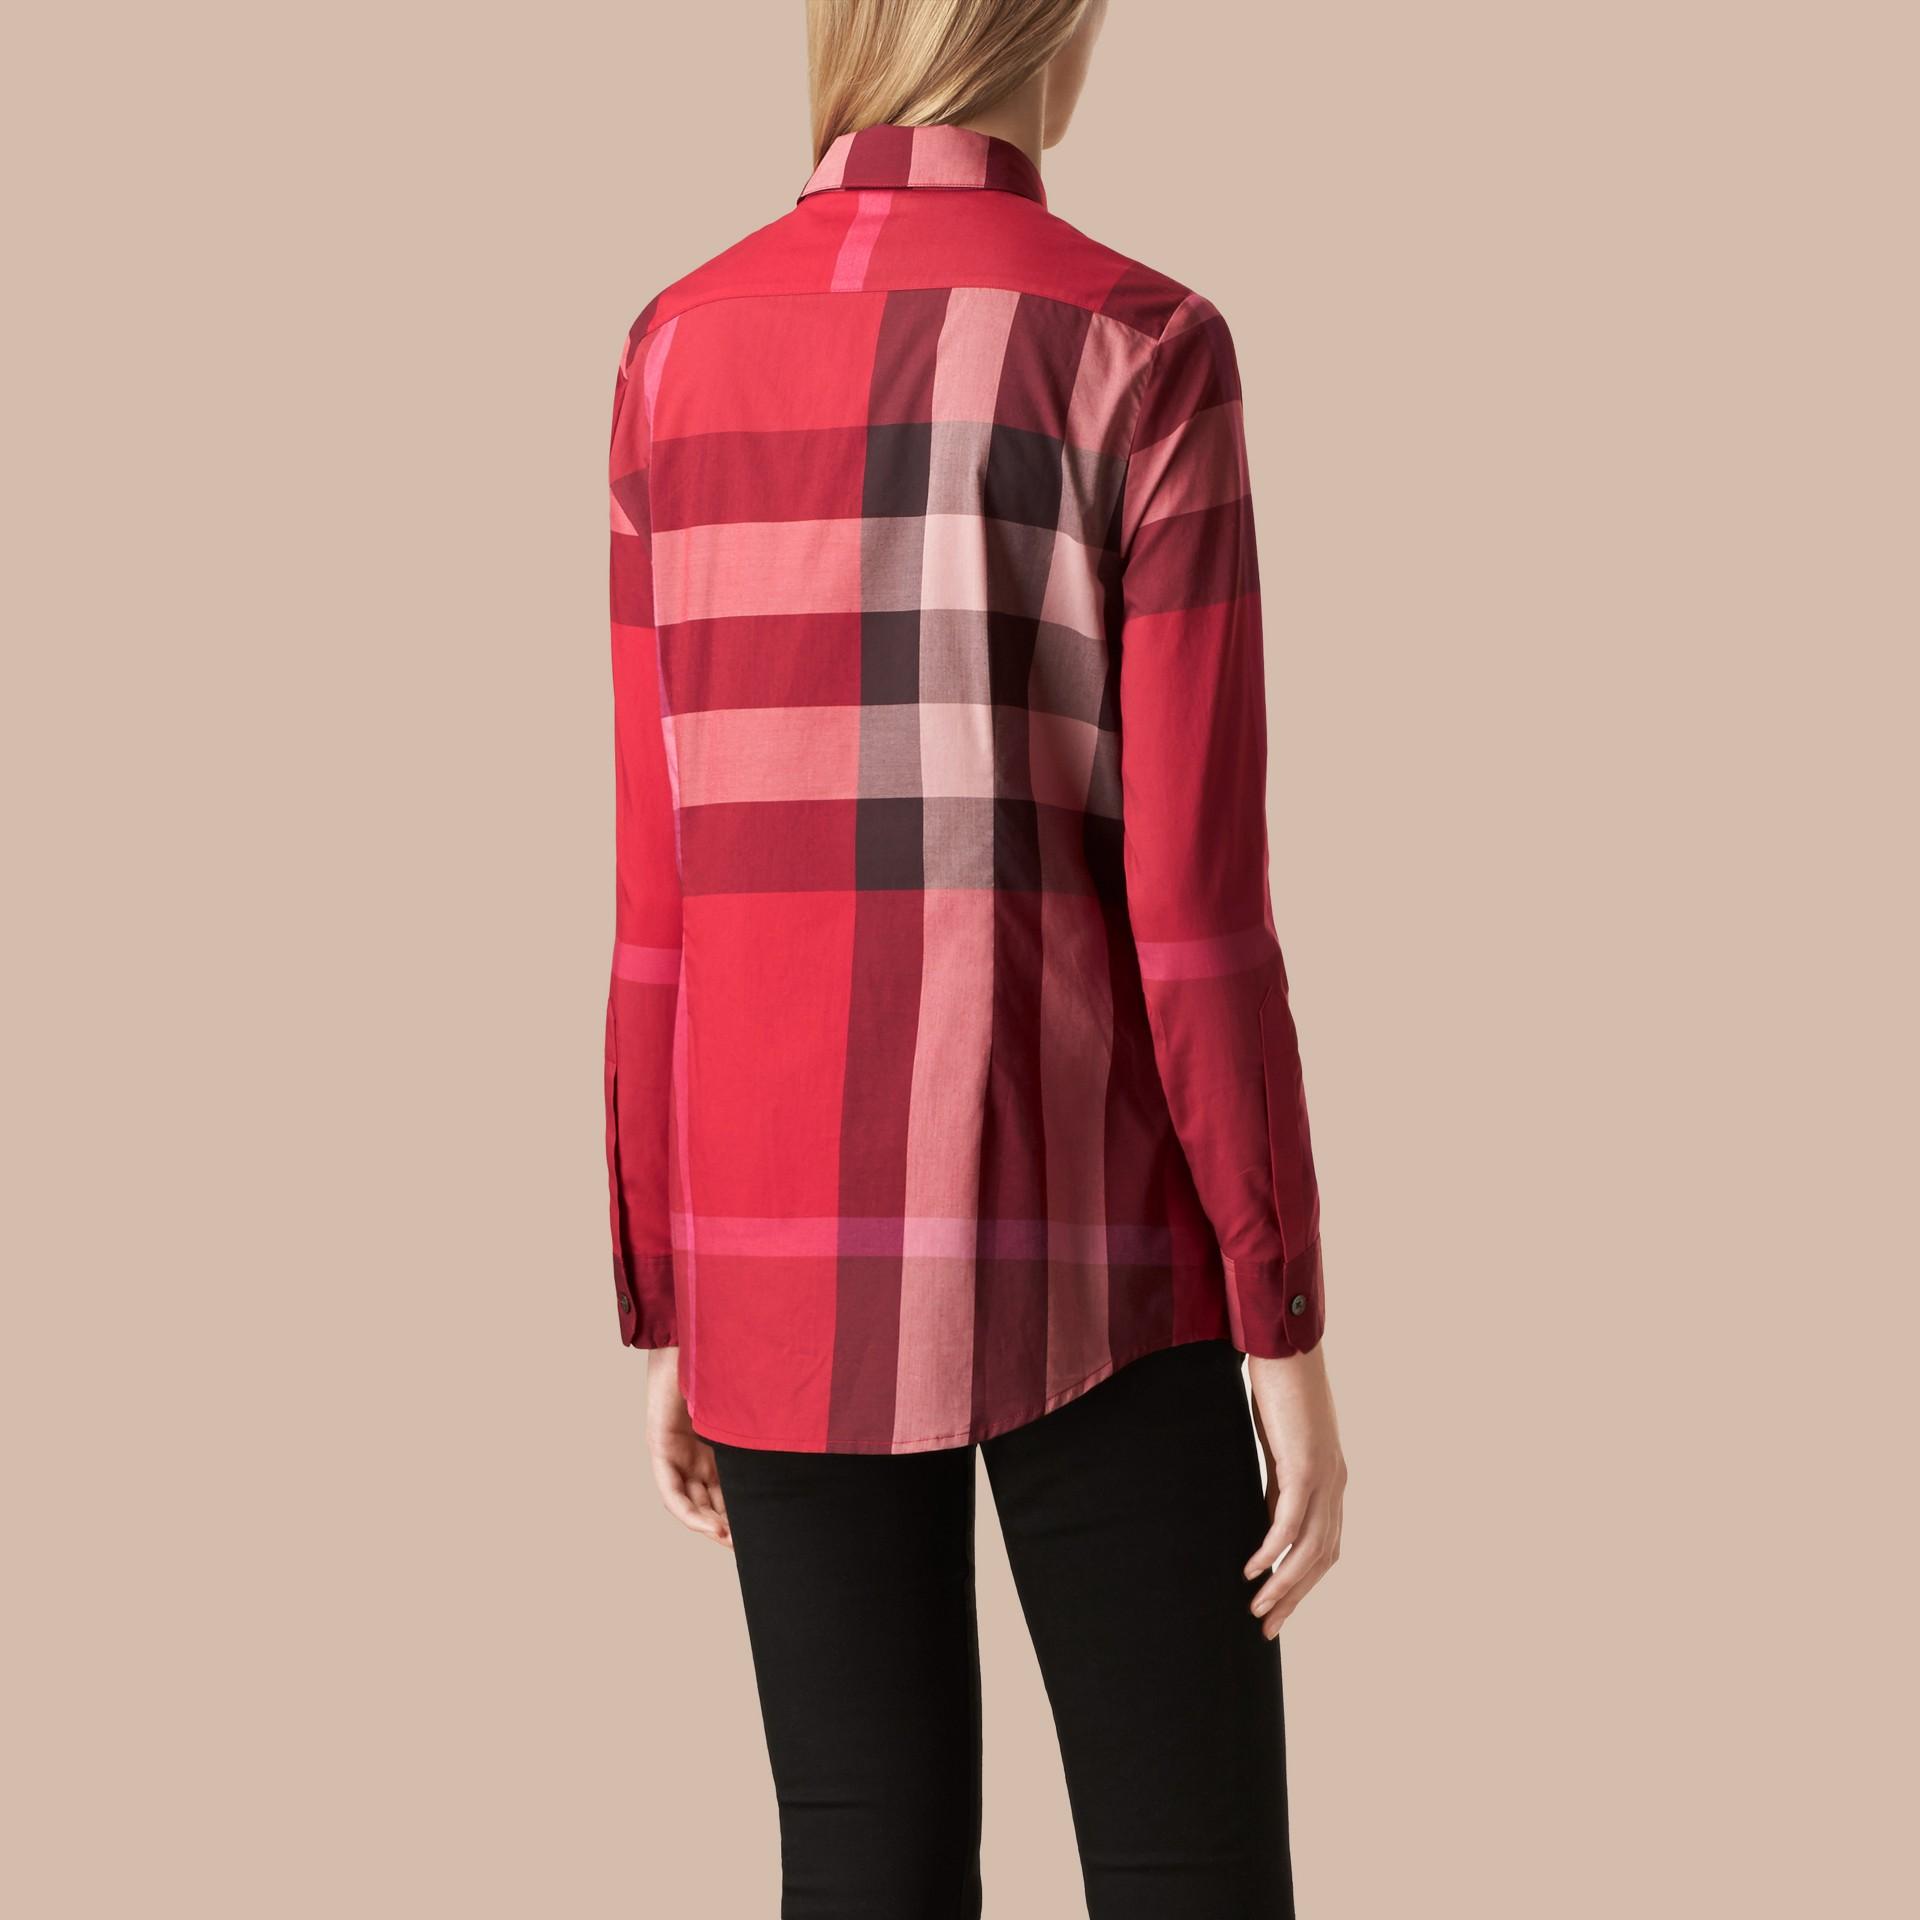 Красная ягода Рубашка из хлопка в клетку Красная Ягода - изображение 3